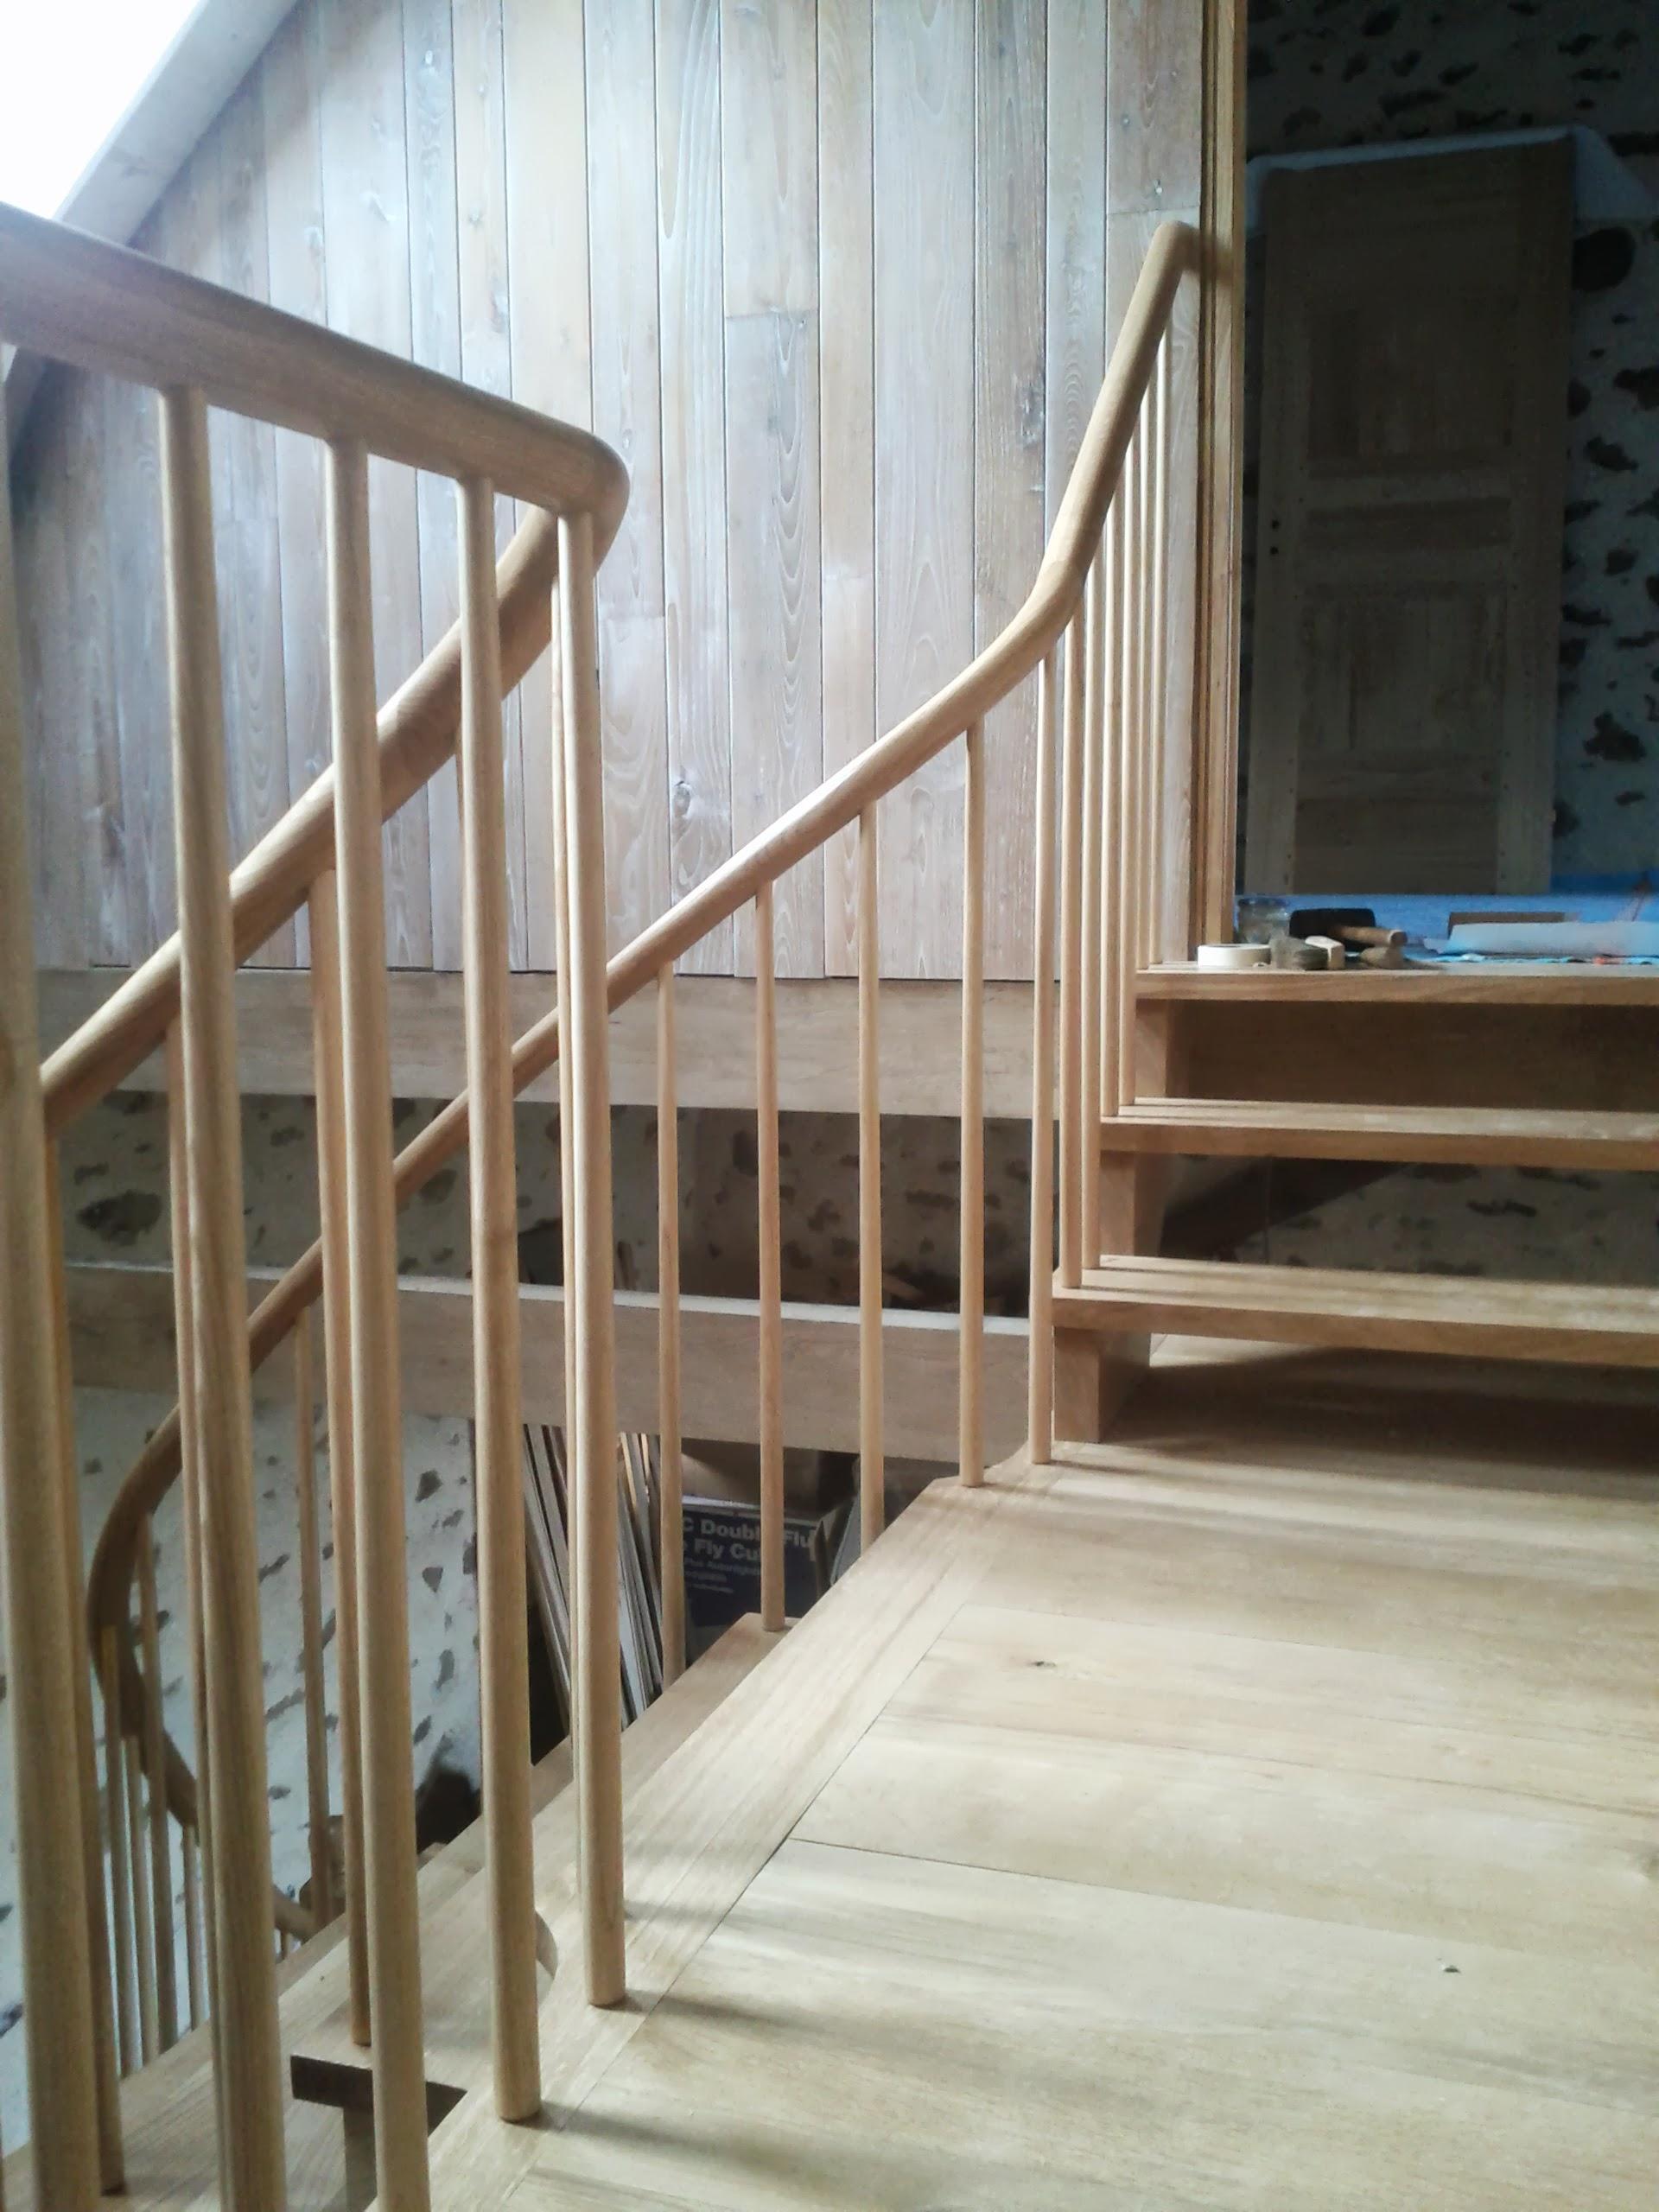 arrivée de l'escalier sur le palier-passerelle. Les barreaux sont légèrement coniques